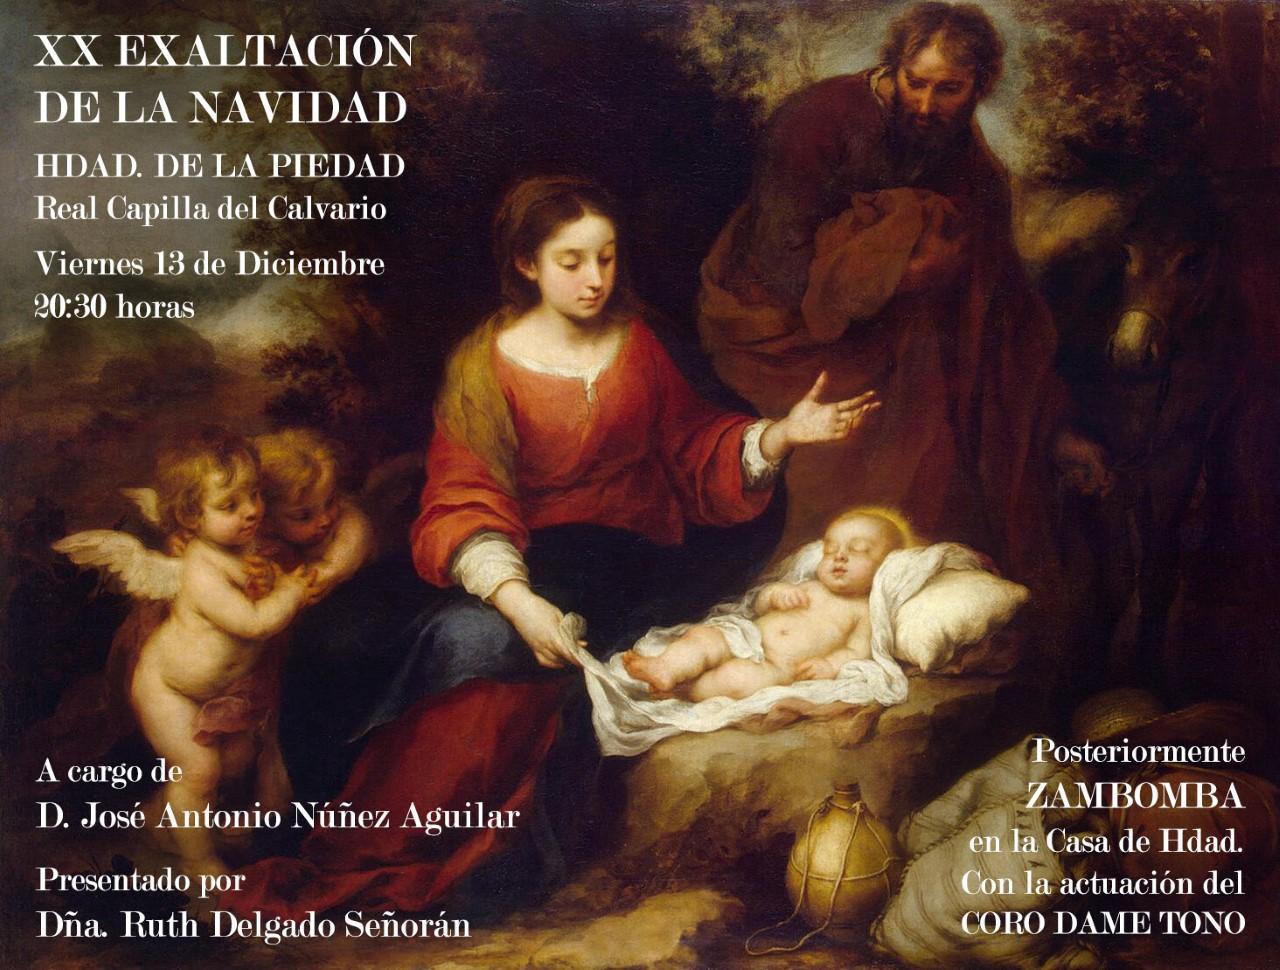 La Navidad, según la Hermandad de la Piedad